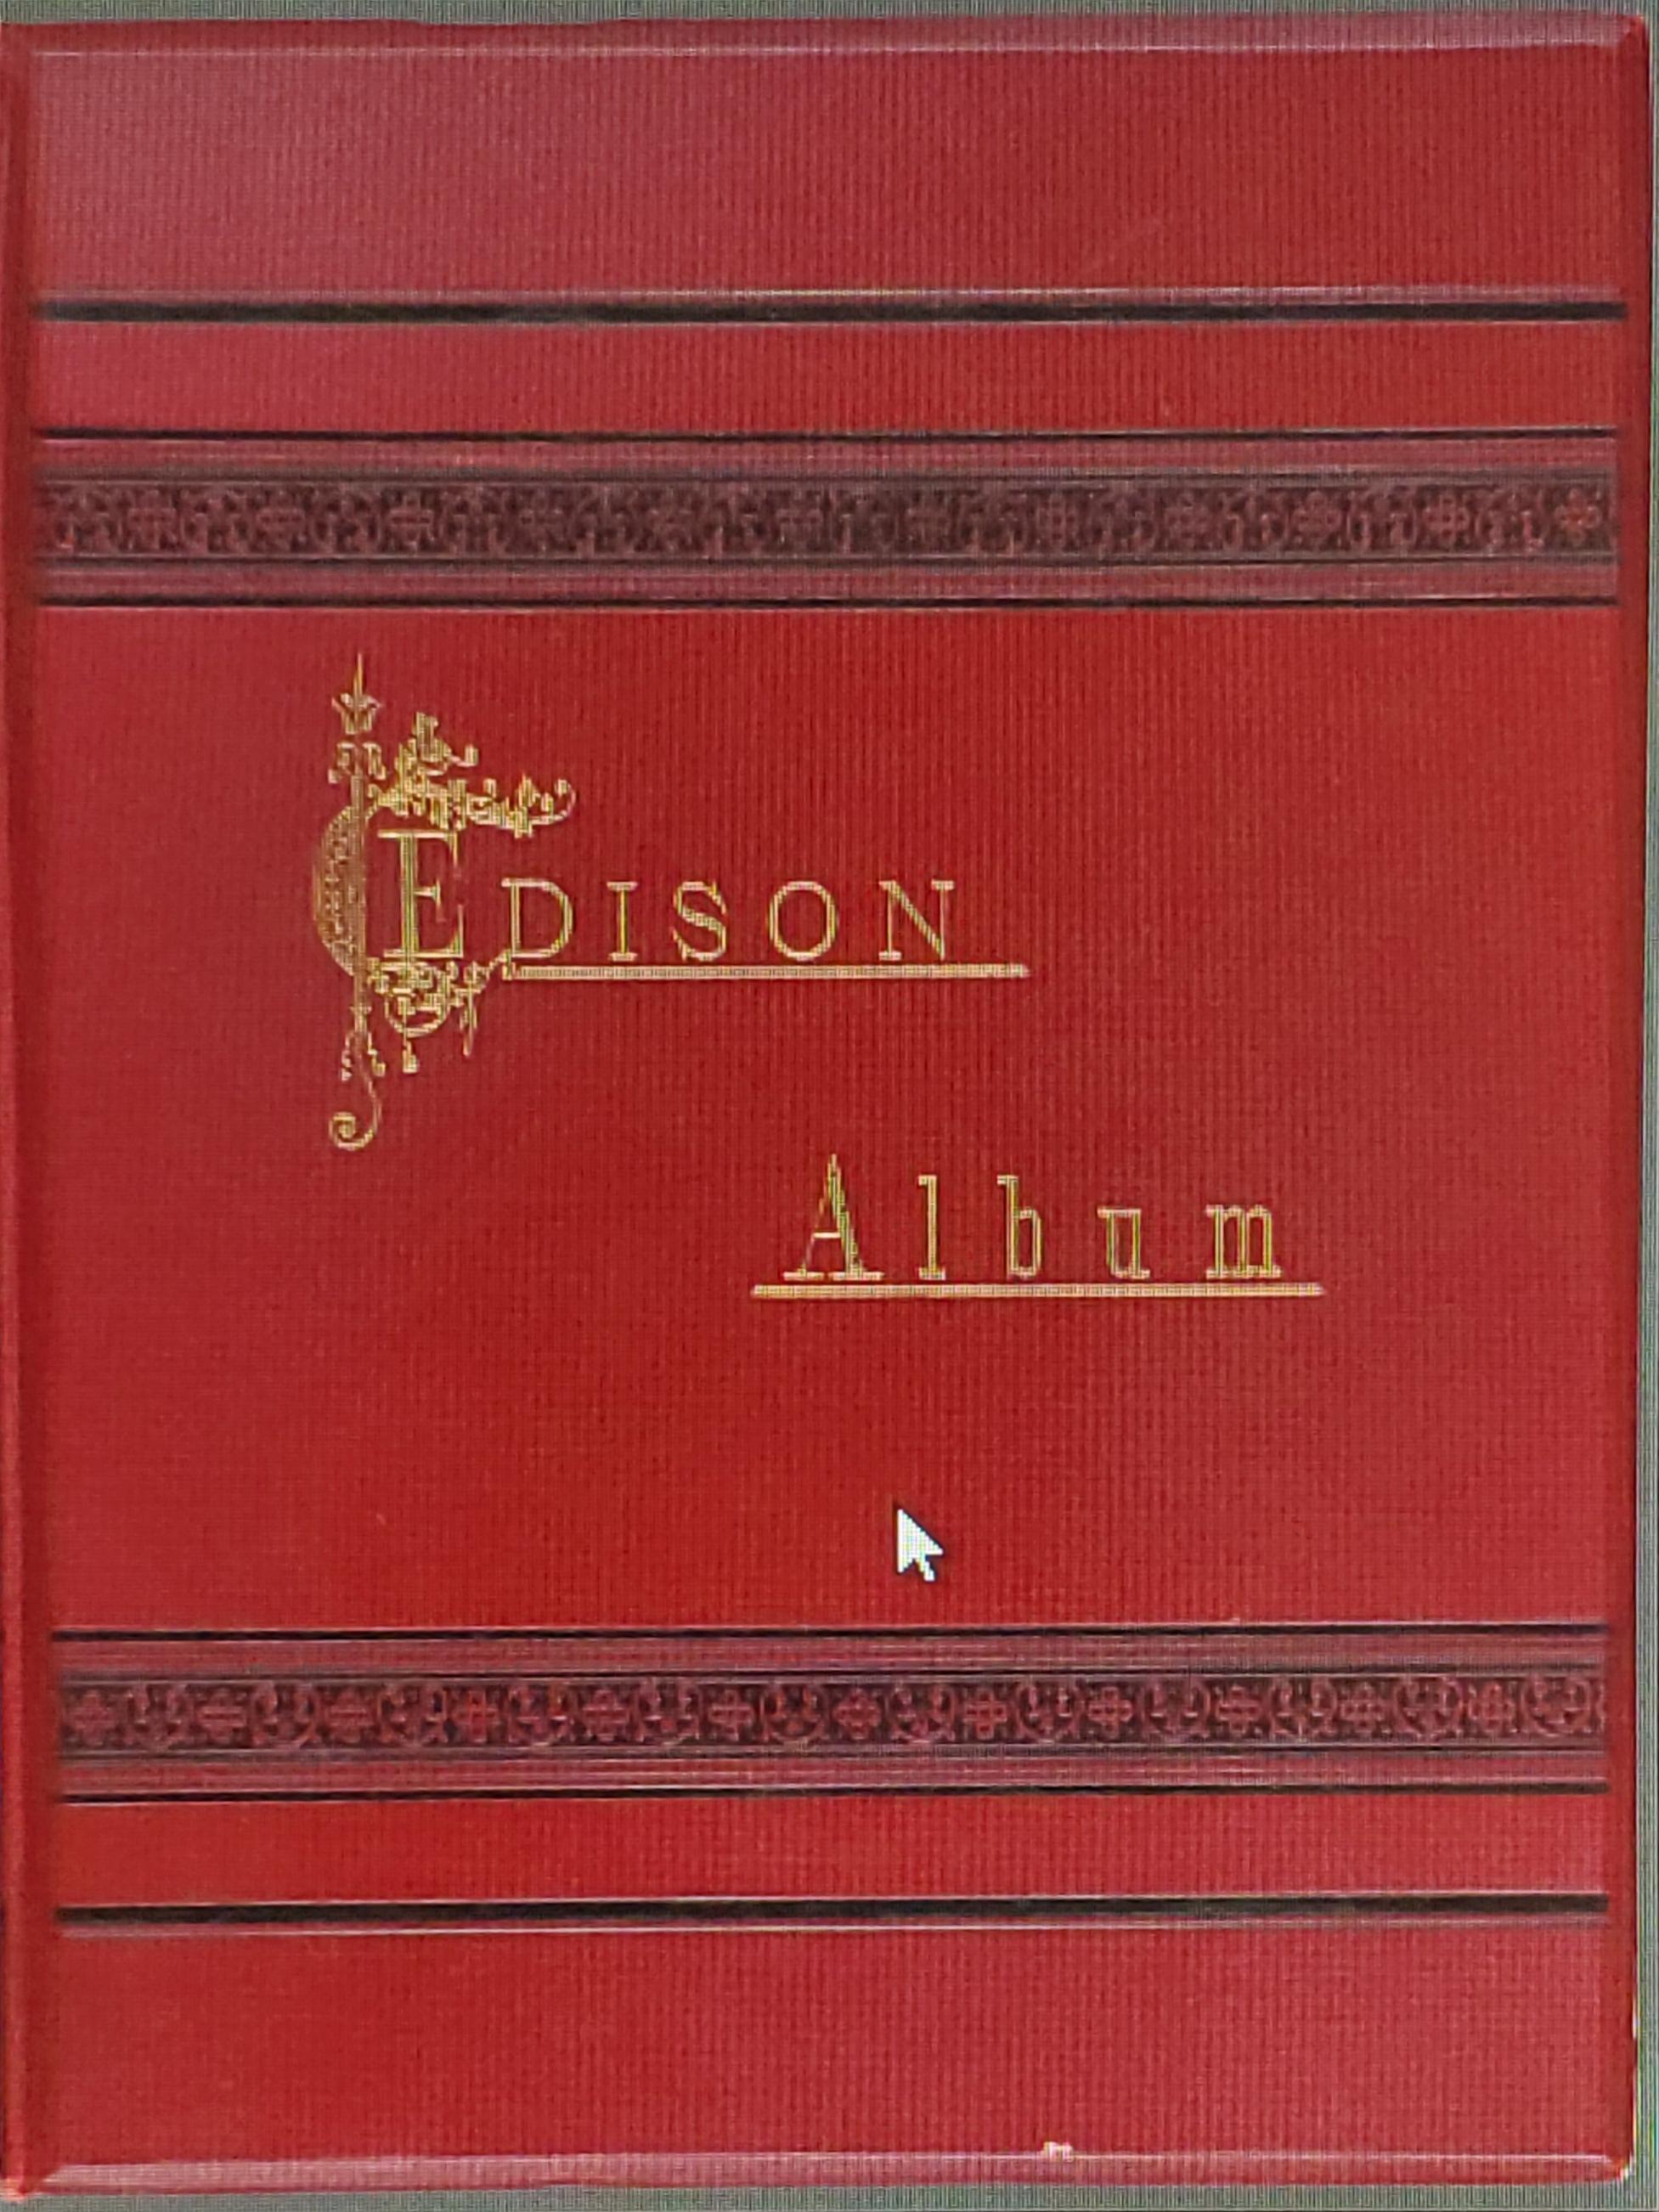 The Edison Album